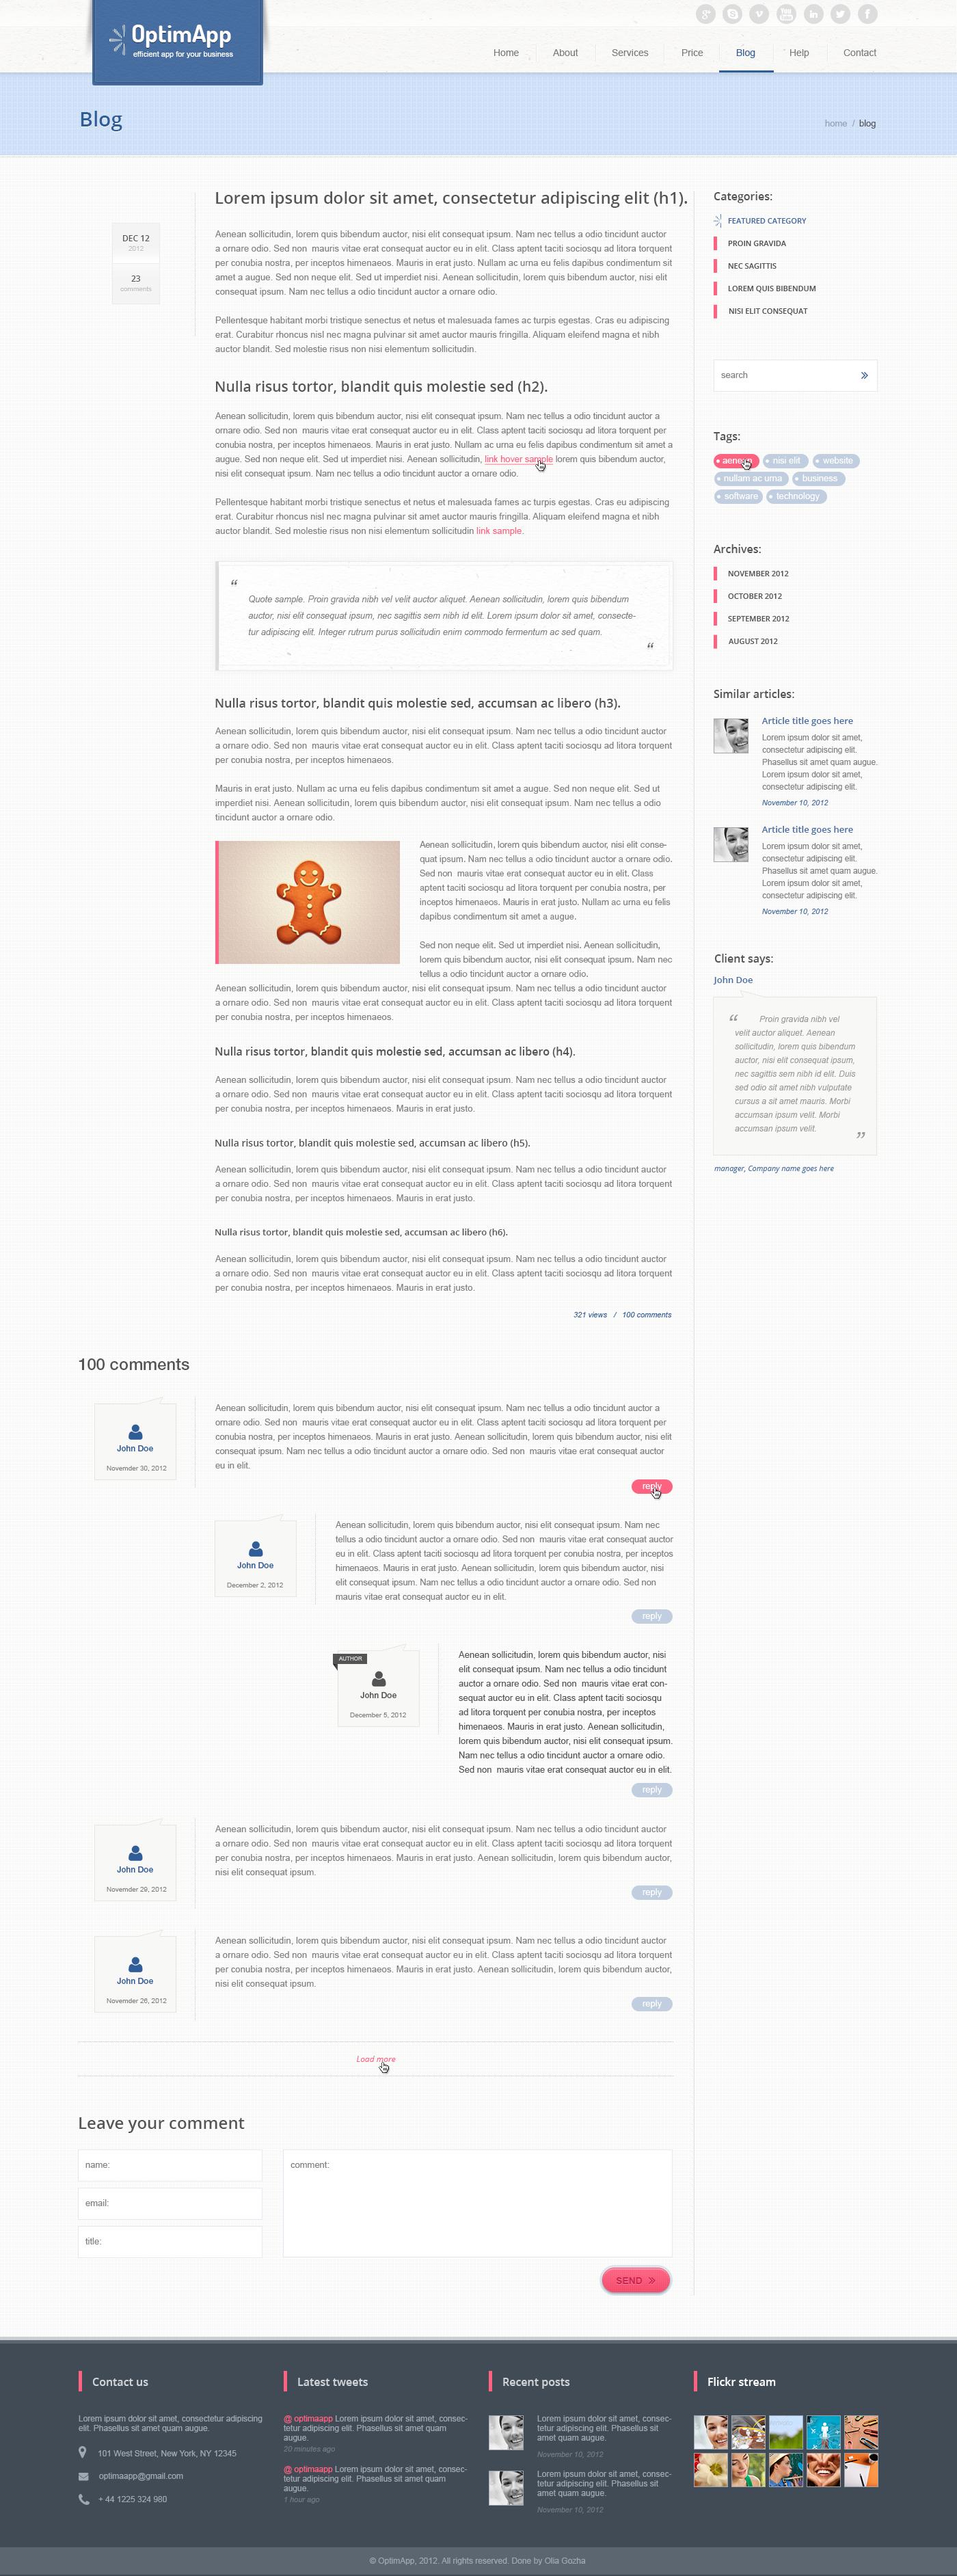 OptimApp - Responsive Business & Technology PSD